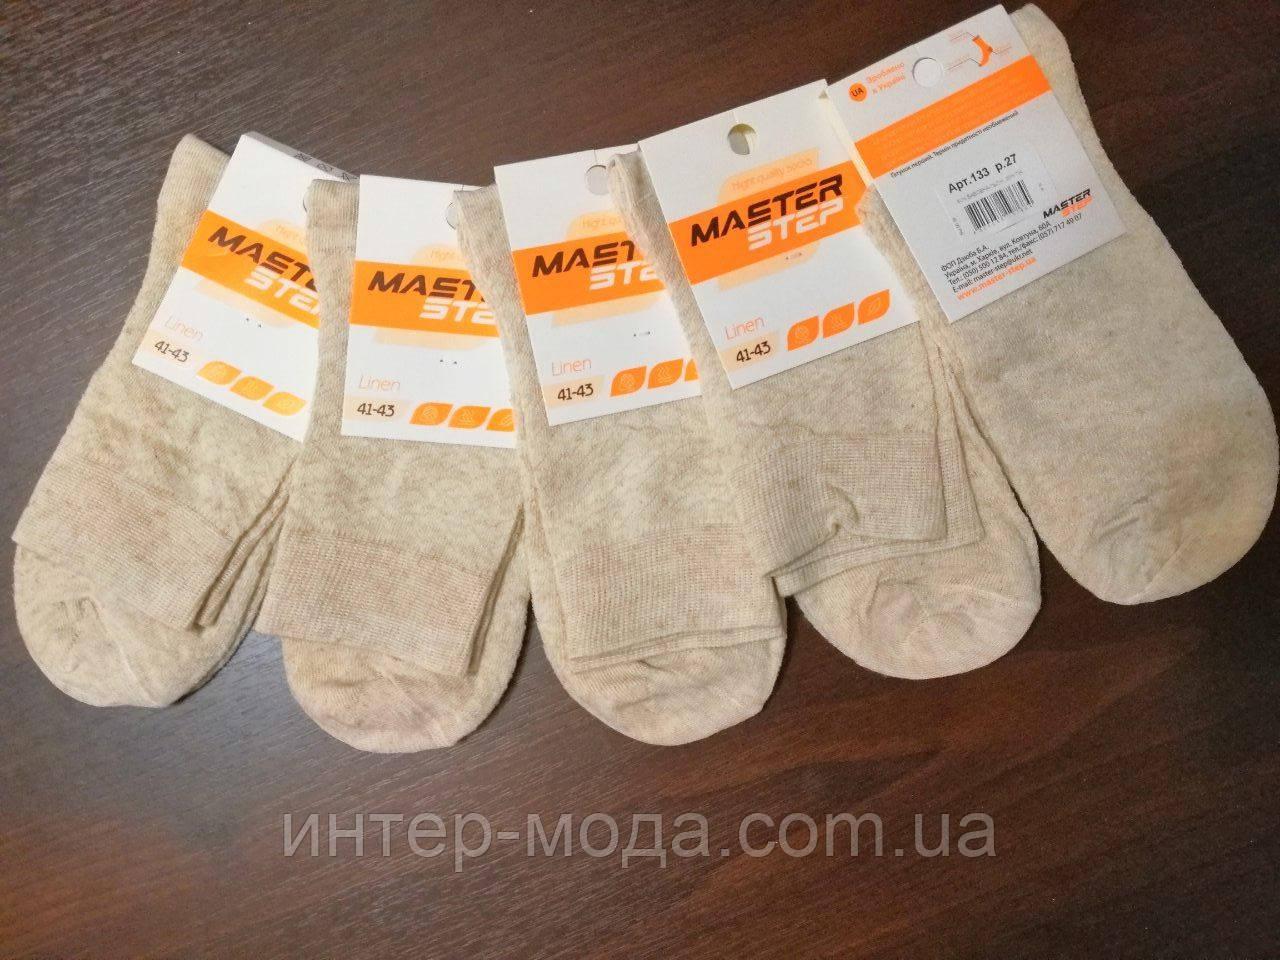 Чоловічий льяной носок, сітка,дв. рез. р. 25 арт. 133